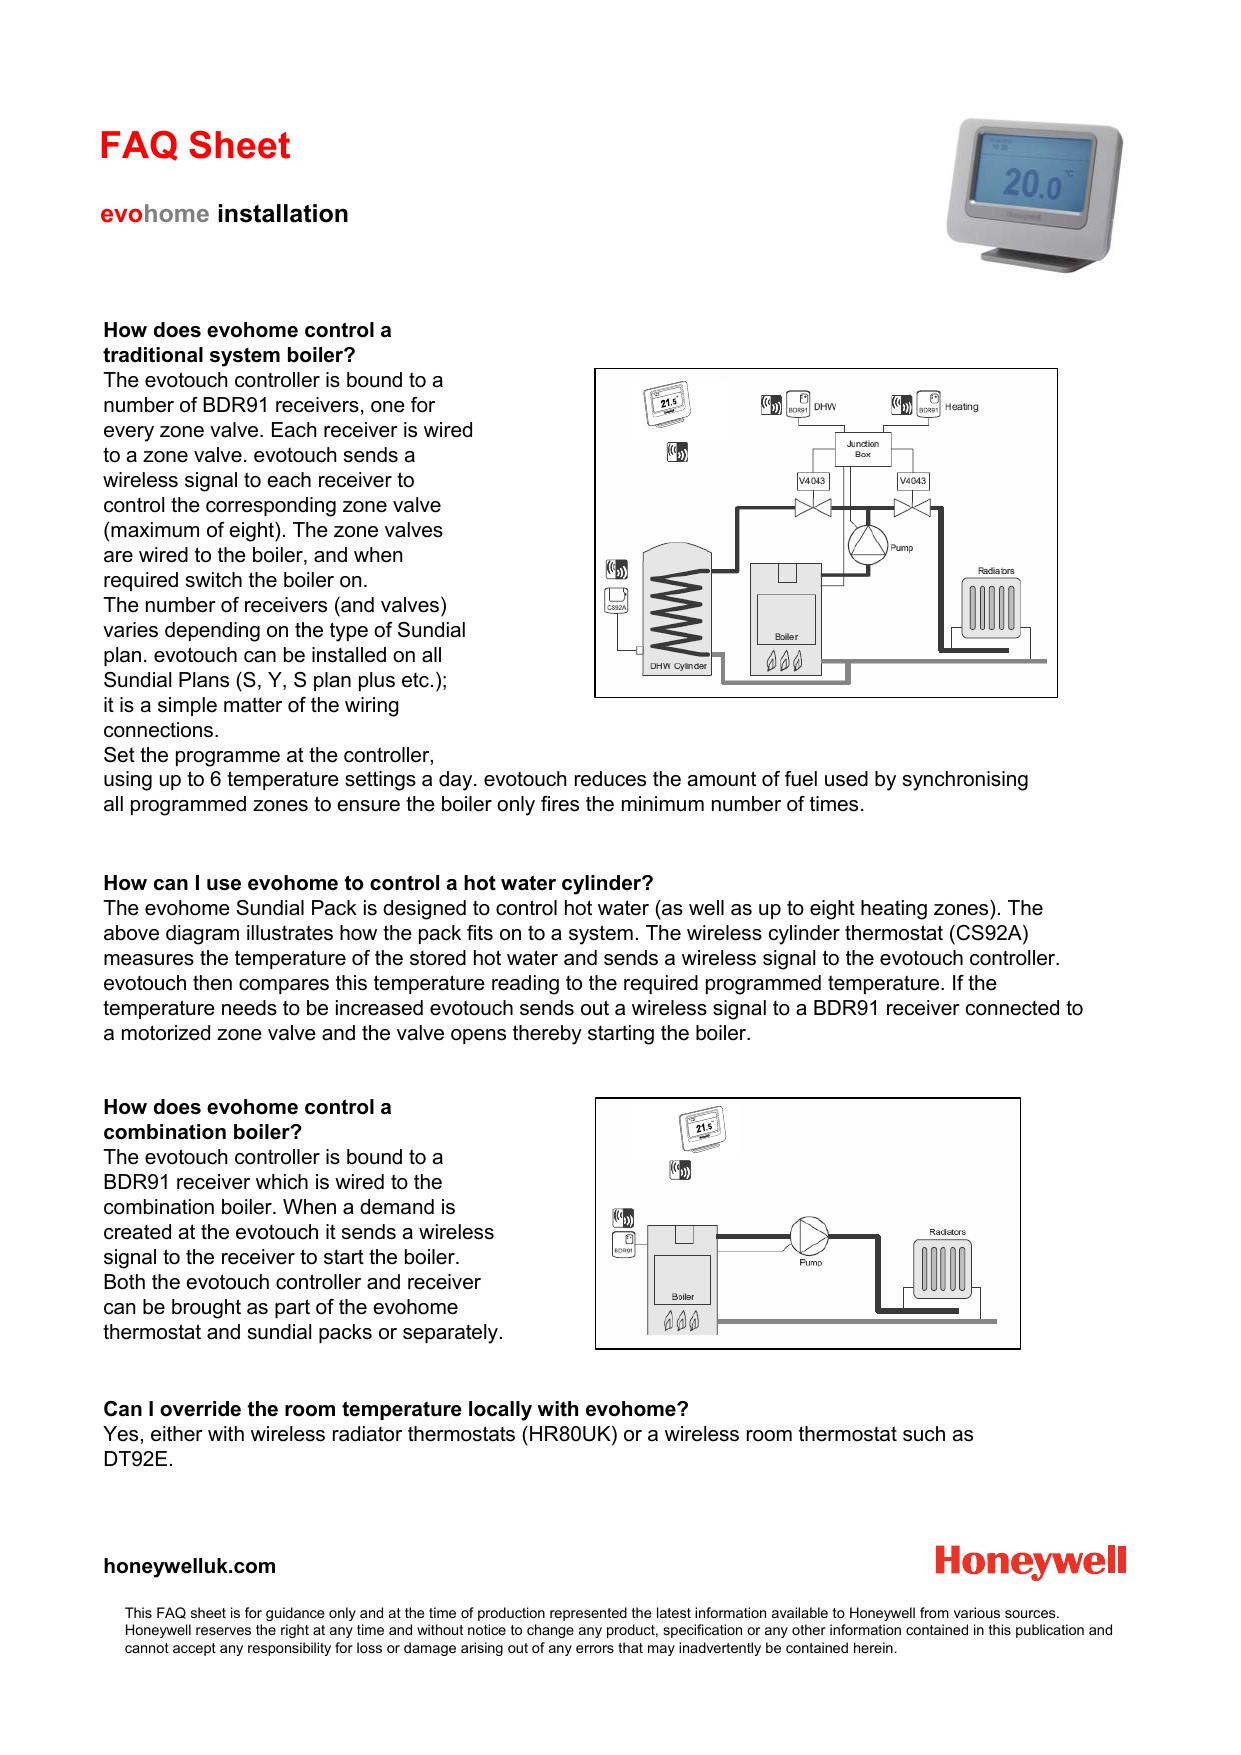 V4073A Mid-position (Y Plan) Valve Operation | manualzz.com on honeywell aquastat diagram, honeywell gas valves, honeywell thermostat blue wire, honeywell thermostat 5 wire, honeywell power head, honeywell personal fans, honeywell schematic diagram, honeywell wiring guide, honeywell installation manual, honeywell thermostat diagram, honeywell zone valve wiring, honeywell transformer wiring, honeywell heater system, honeywell thermostat wiring, honeywell wiring wizard, honeywell gas fireplace, honeywell parts, honeywell wiring your home, honeywell relay wiring, honeywell v8043e wiring,